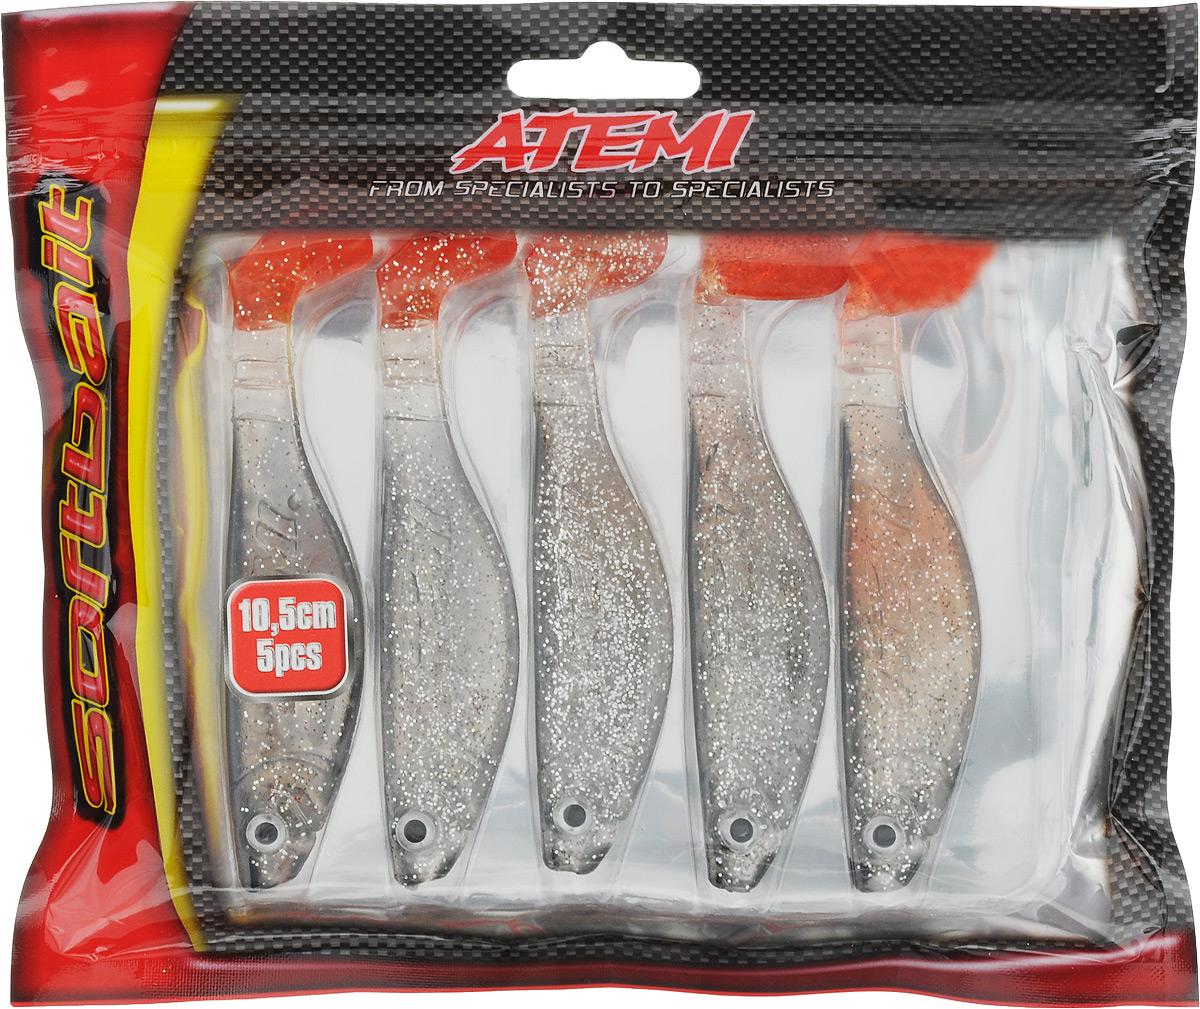 Риппер Atemi, цвет: pearltrout, длина 10,5 см, 5 шт95437-530Риппер Atemi - это виброхвост с объемным, мясистым телом, выполненный из высококачественного силикона. Имеет стабильную сбалансированную игру. Предназначен для джиговой ловли хищной рыбы: окуня, судака, щуки. Приманка визуально стимулирует хищный инстинкт поедателей рыб и толкает их совершать атаки.